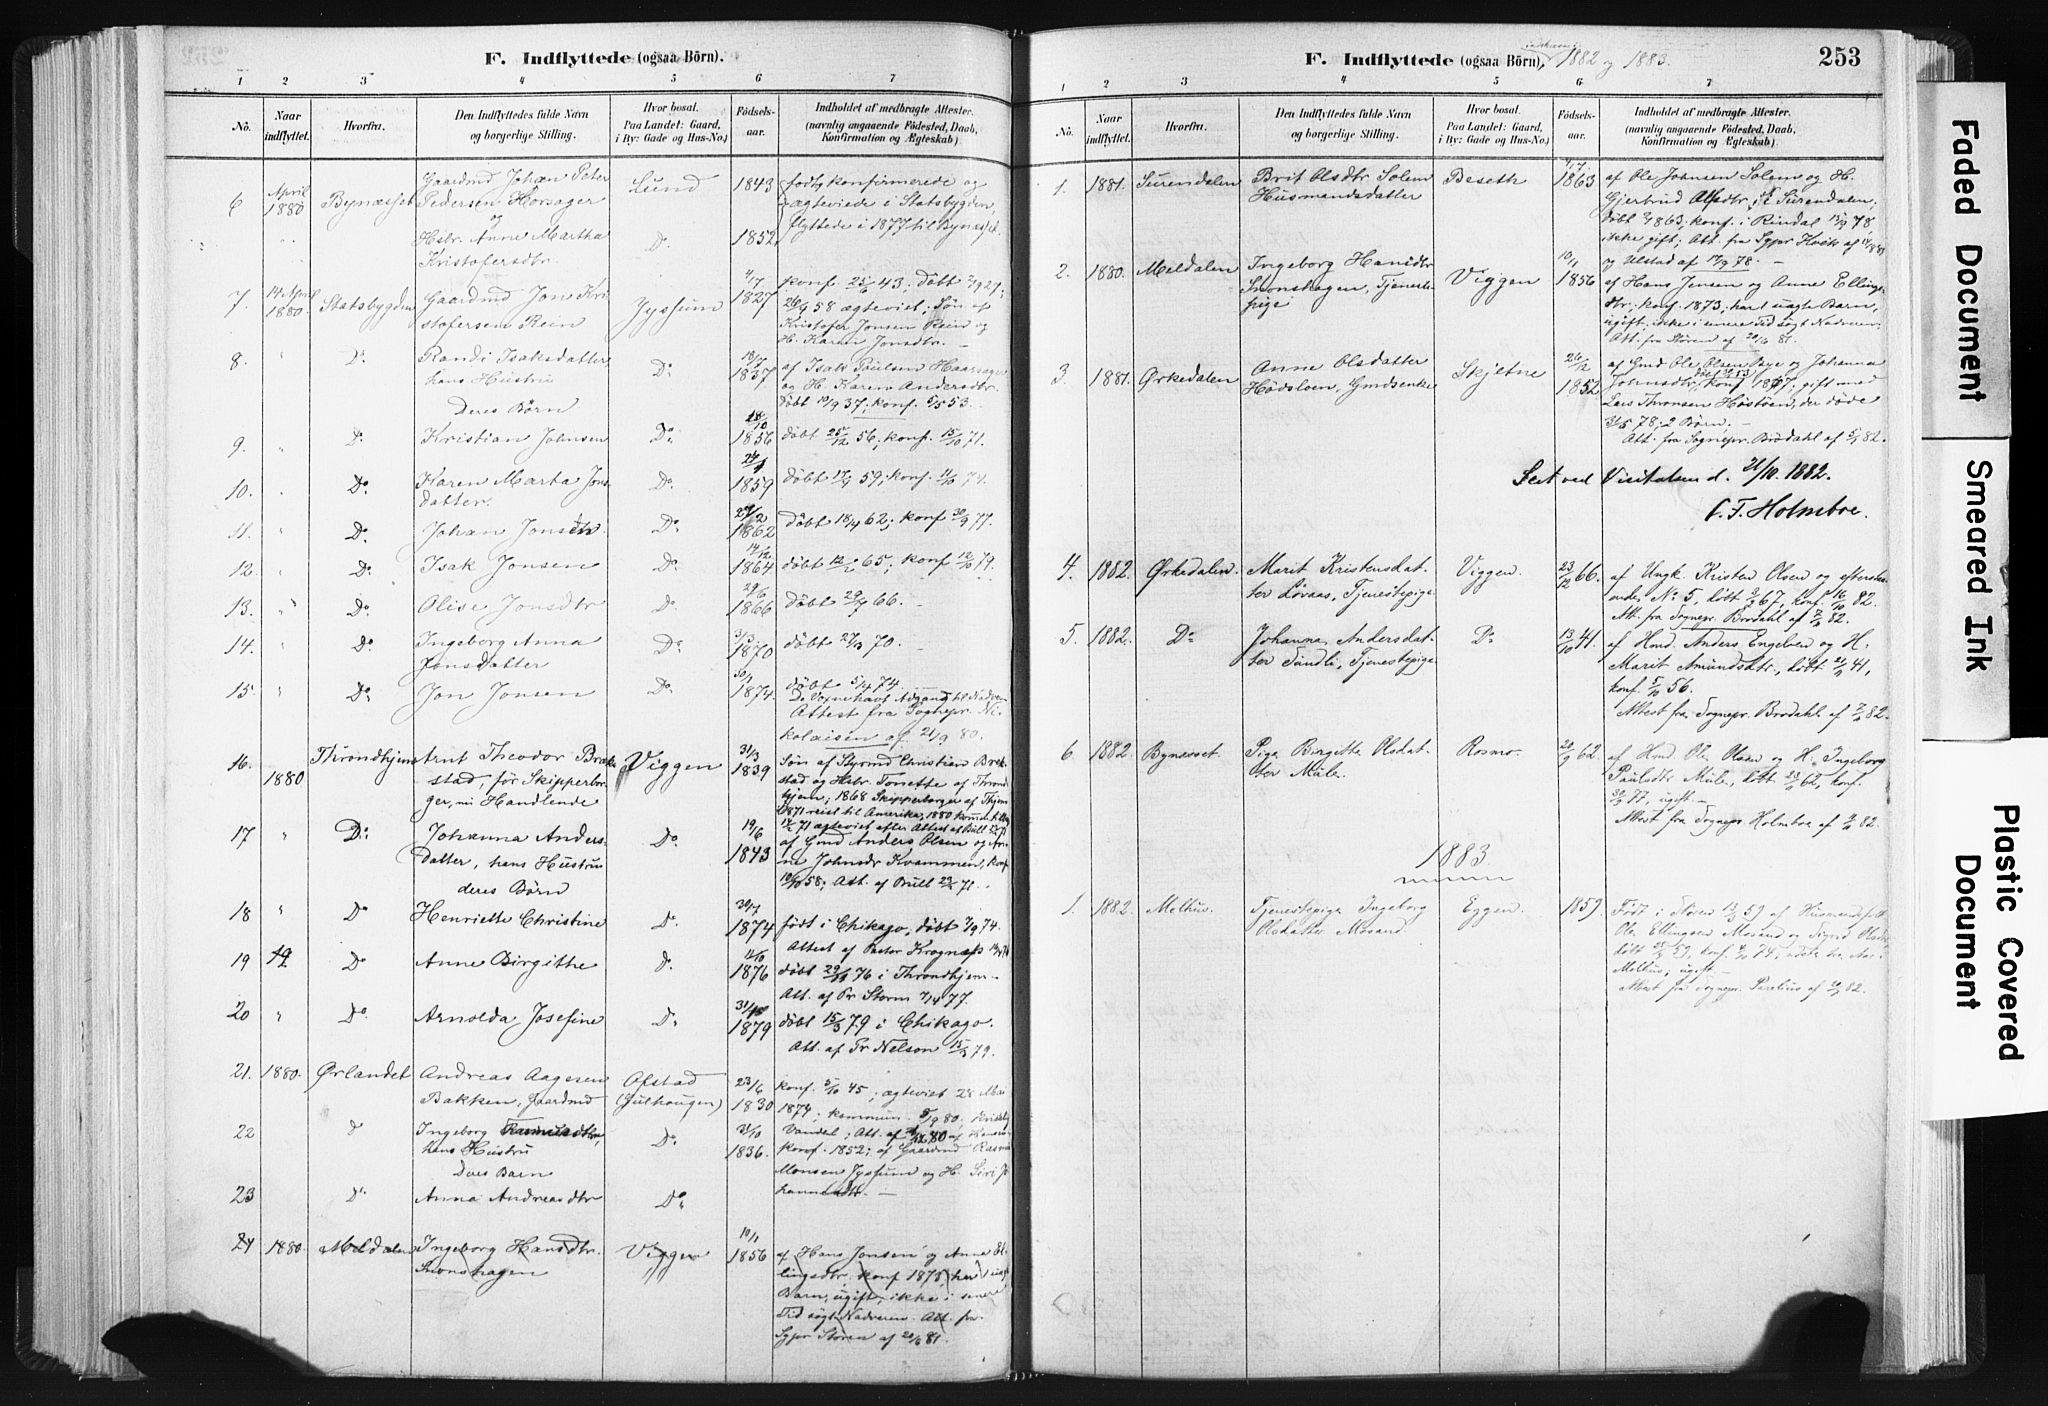 SAT, Ministerialprotokoller, klokkerbøker og fødselsregistre - Sør-Trøndelag, 665/L0773: Ministerialbok nr. 665A08, 1879-1905, s. 253